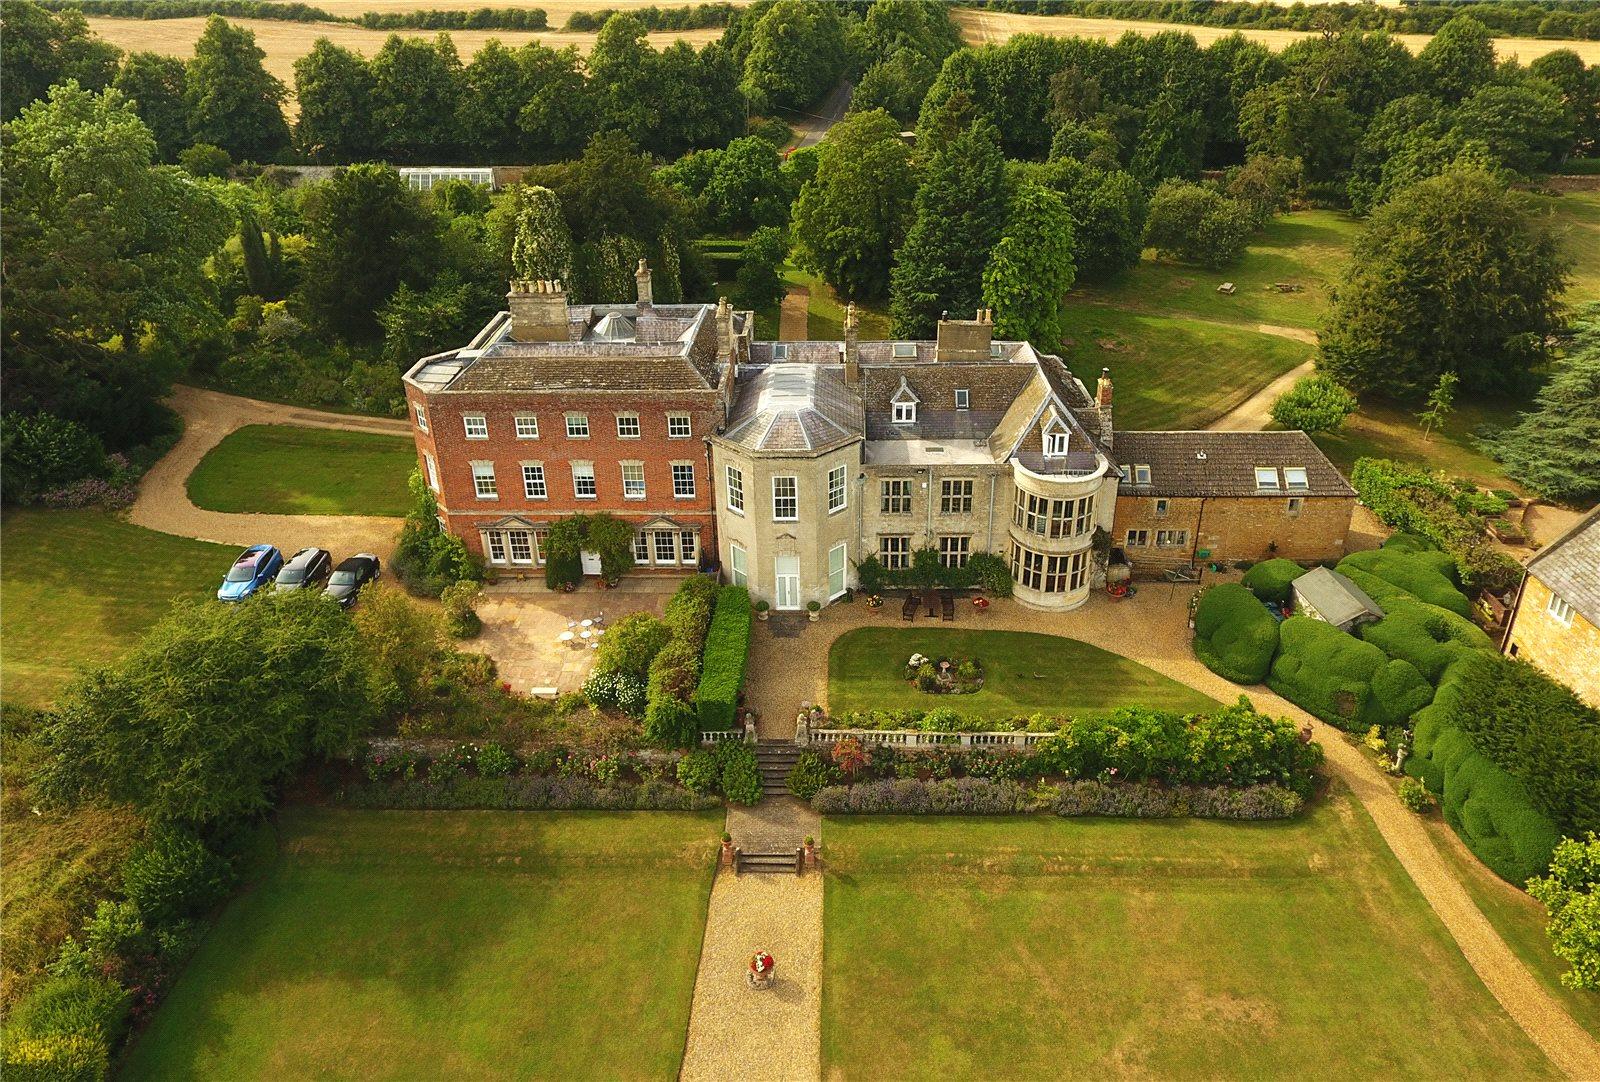 一戸建て のために 売買 アット Glendon Hall, Glendon, Kettering, Northamptonshire, NN14 Kettering, イギリス